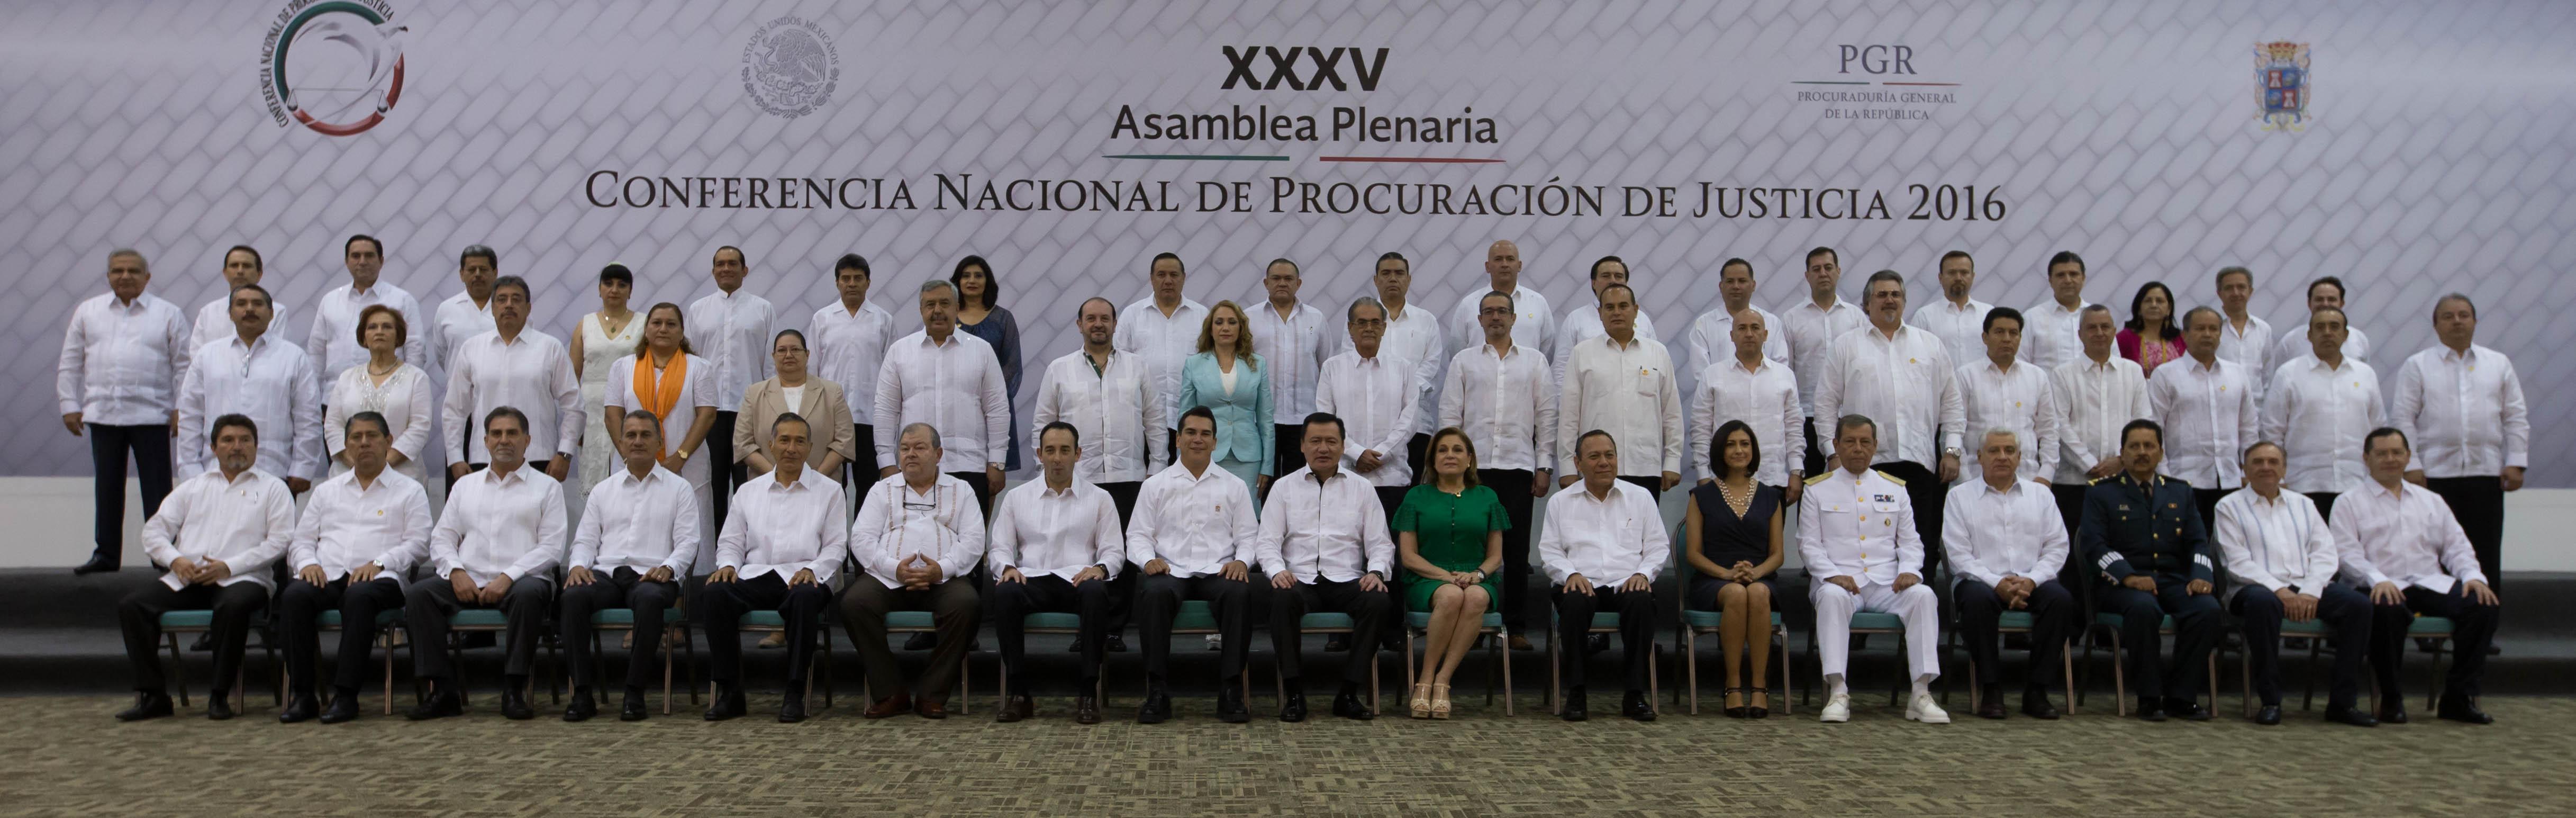 XXXV Asamblea Plenaria de la Conferencia Nacional de Procuración de Justicia